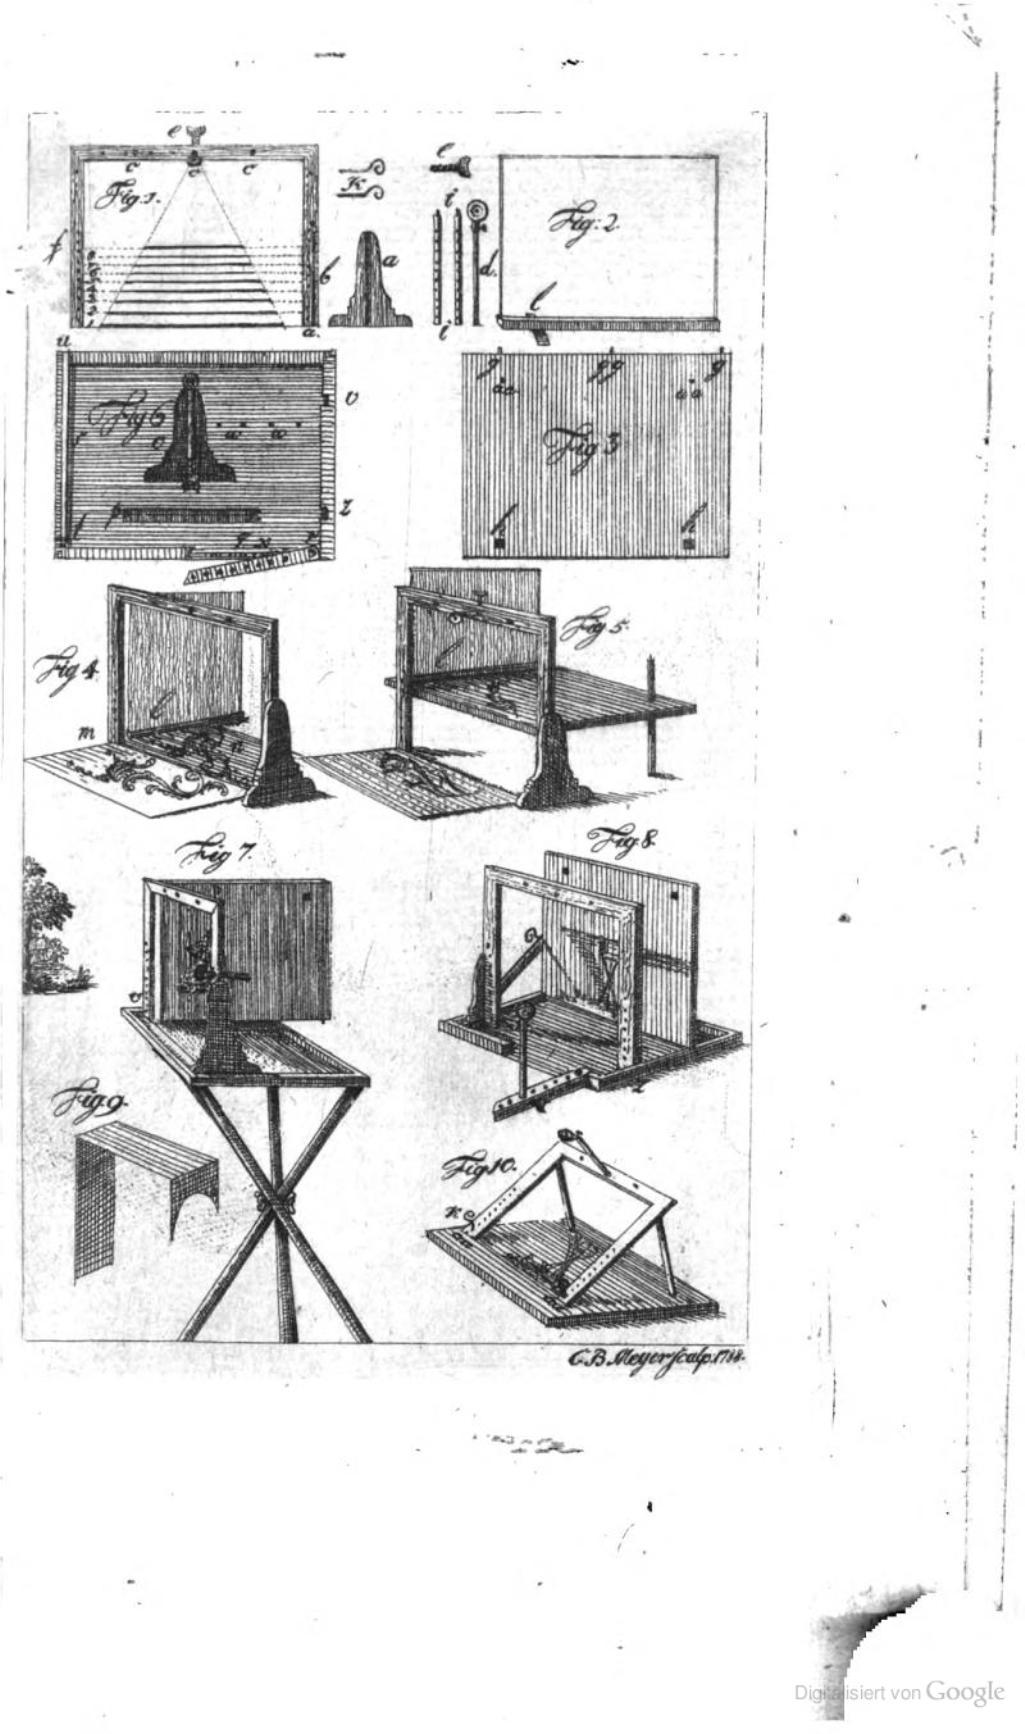 transparentspiegel wikipedia. Black Bedroom Furniture Sets. Home Design Ideas